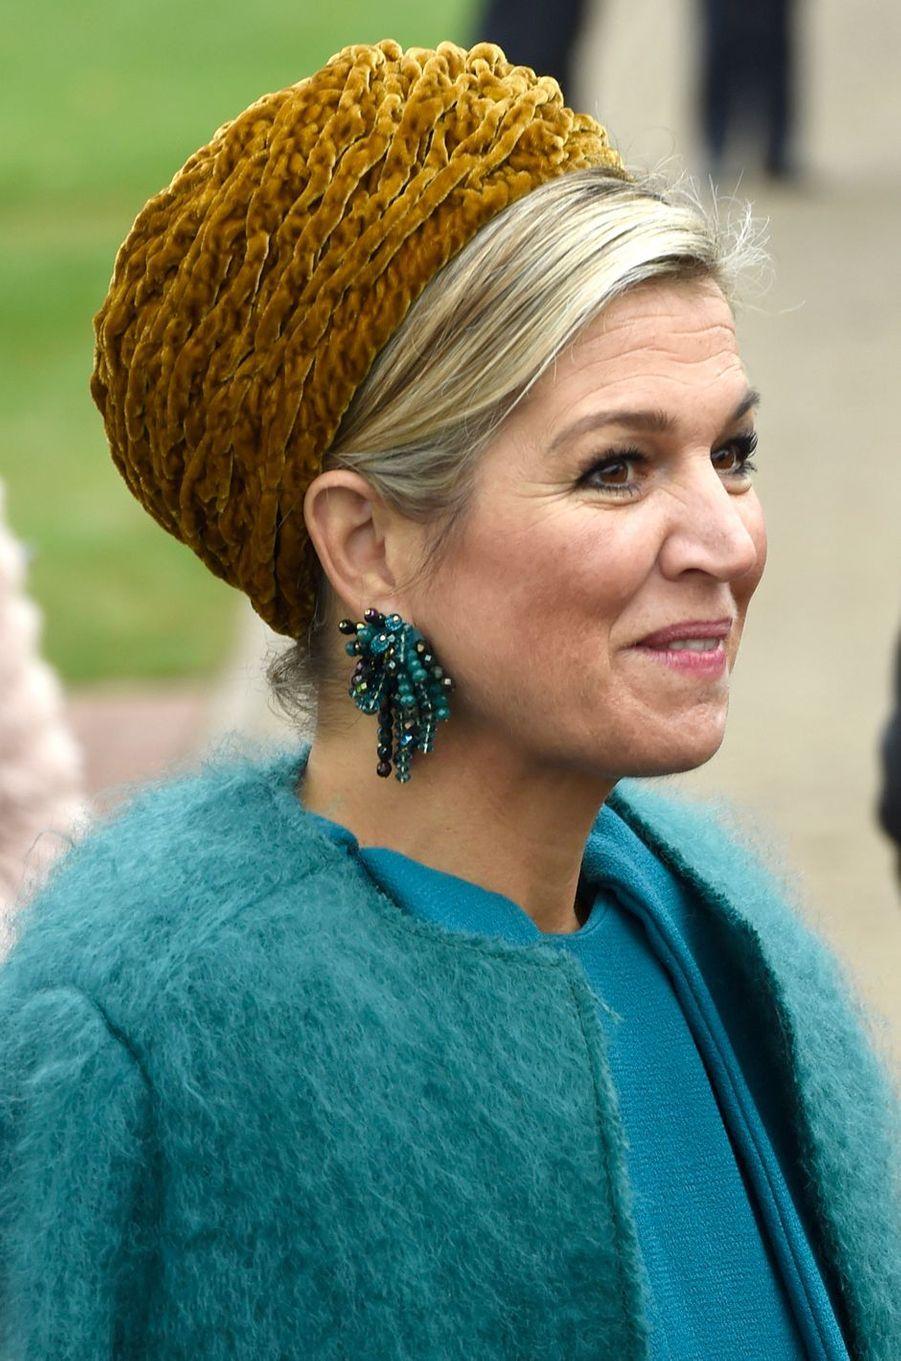 La reine Maxima des Pays-Bas dans un look bleu et caramel dans la région de Noordoost Twente, le 27 octobre 2016